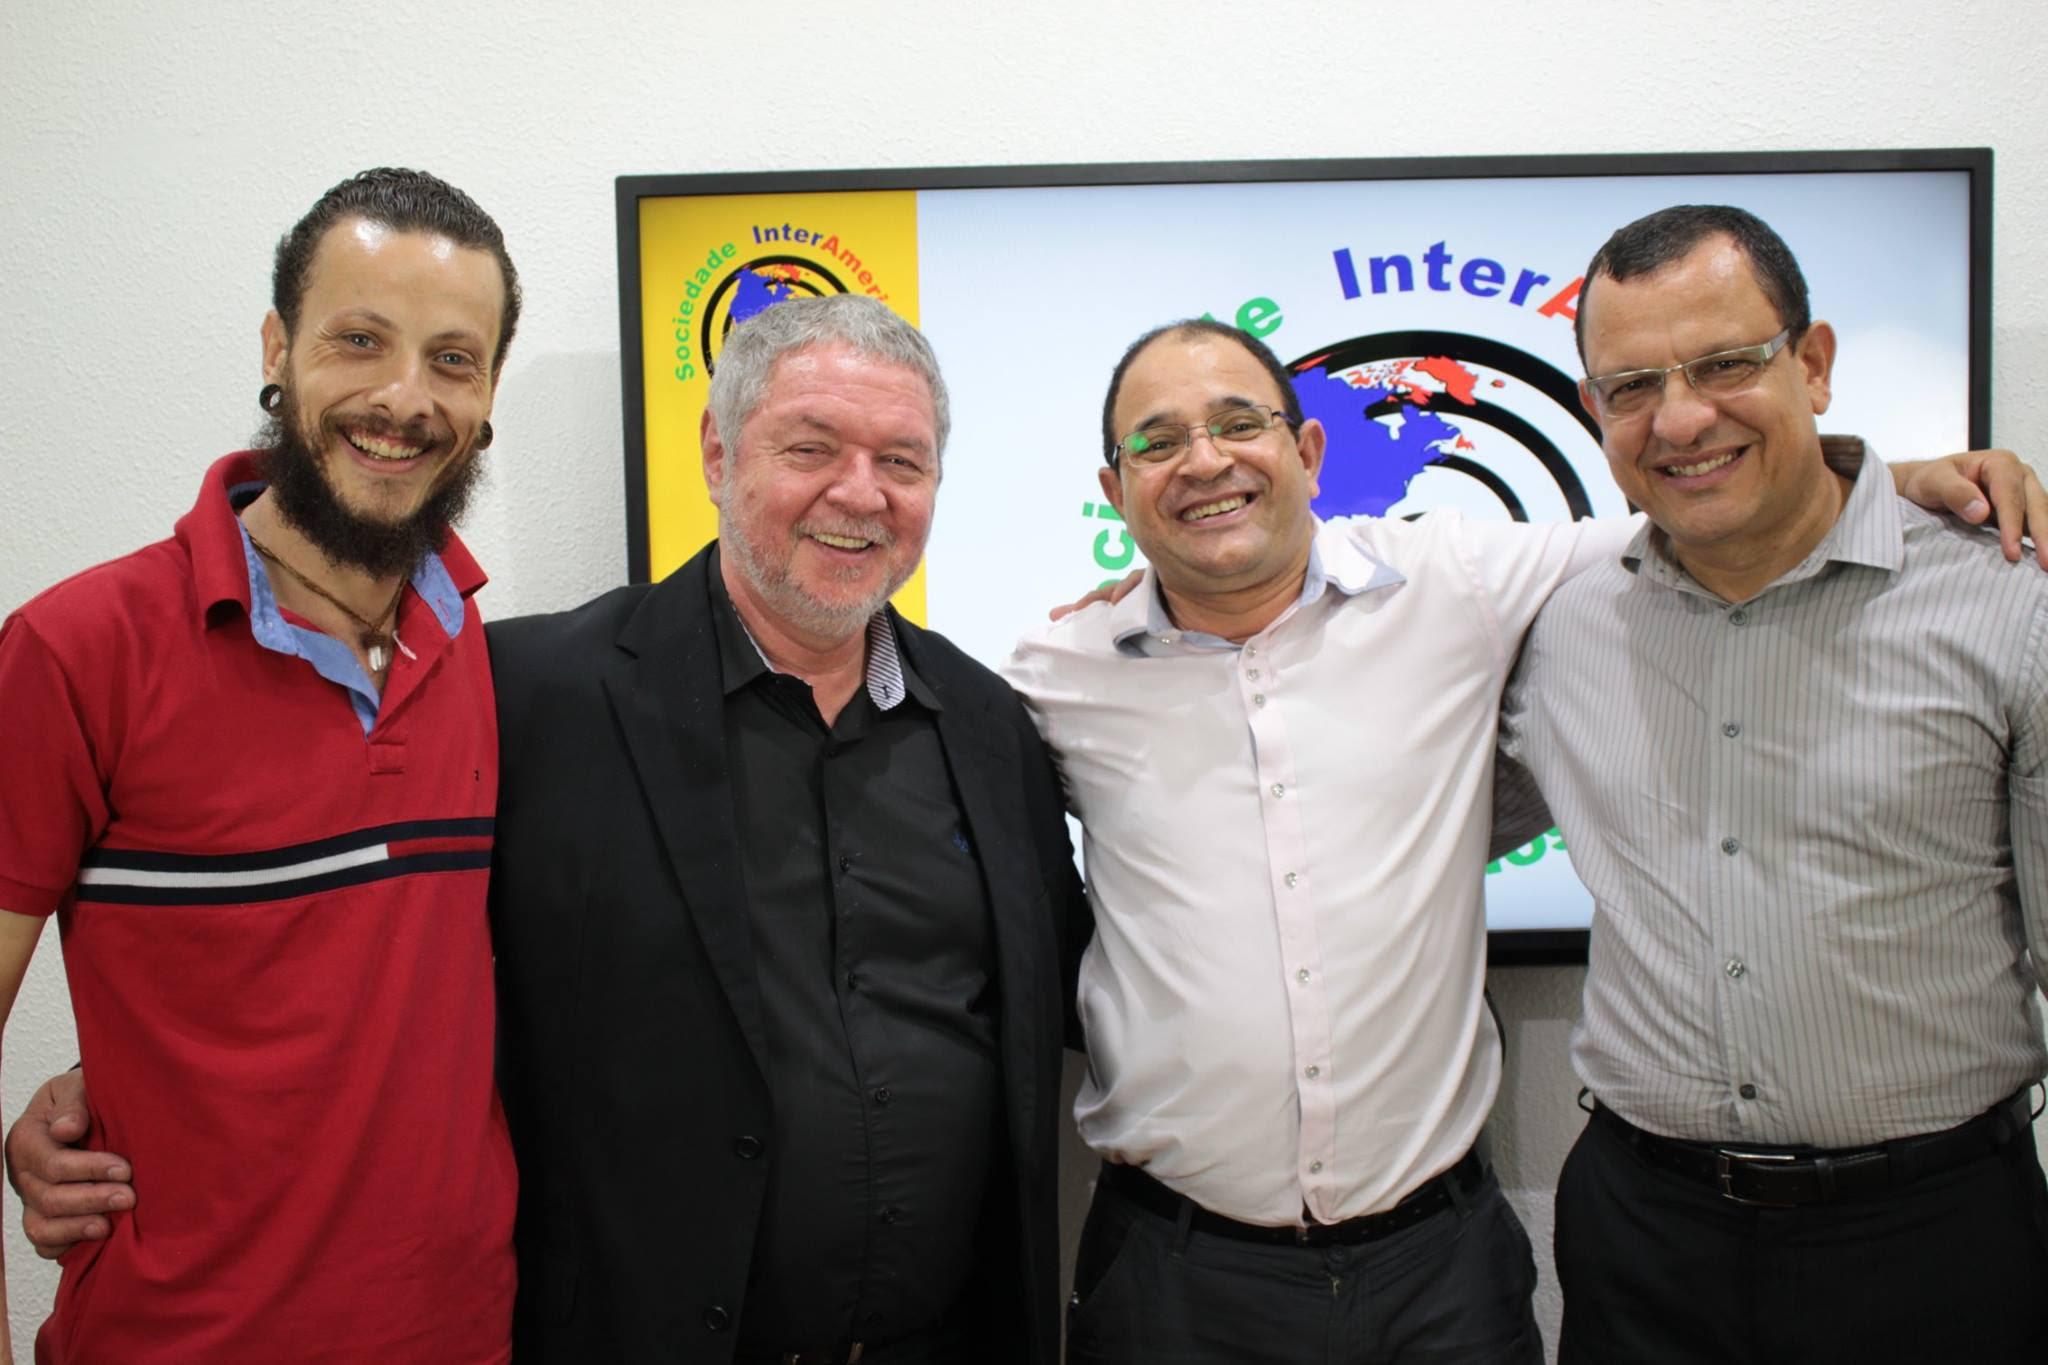 FOTO: Samej Spenser, Fábio Puentes, Valdecy Carneiro e Braz Cairo | Bate-Bola Hipnótico #1